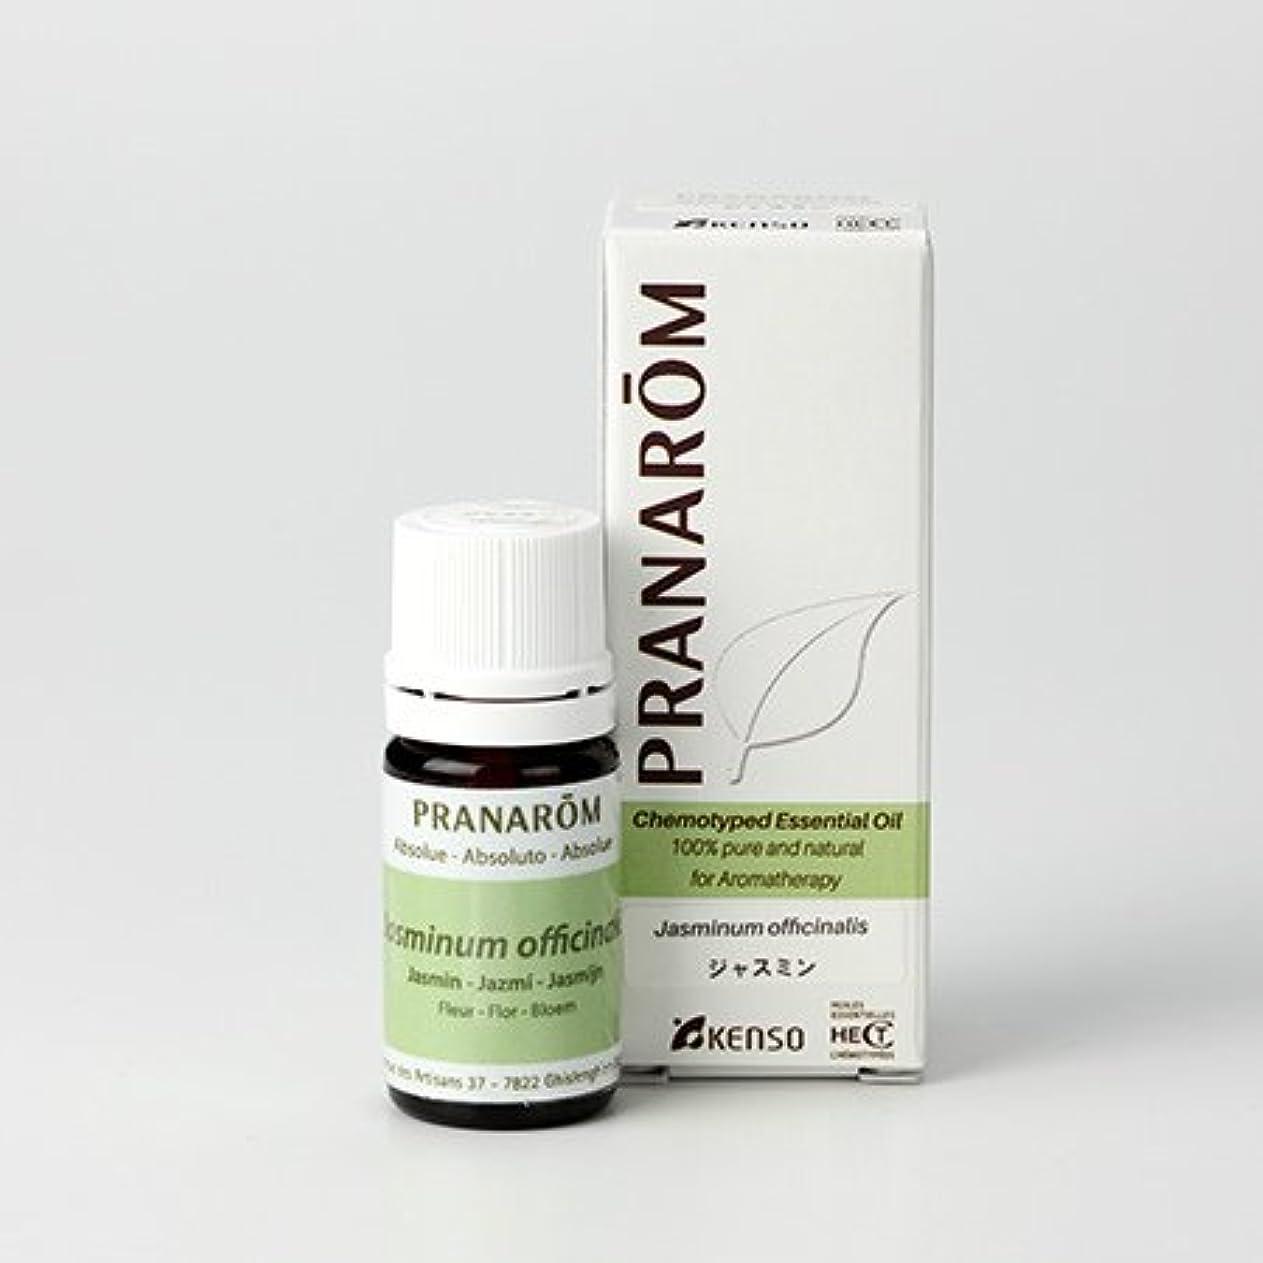 満足できるそっとつまらないプラナロム ジャスミンAbs. 5ml (PRANAROM ケモタイプ精油)